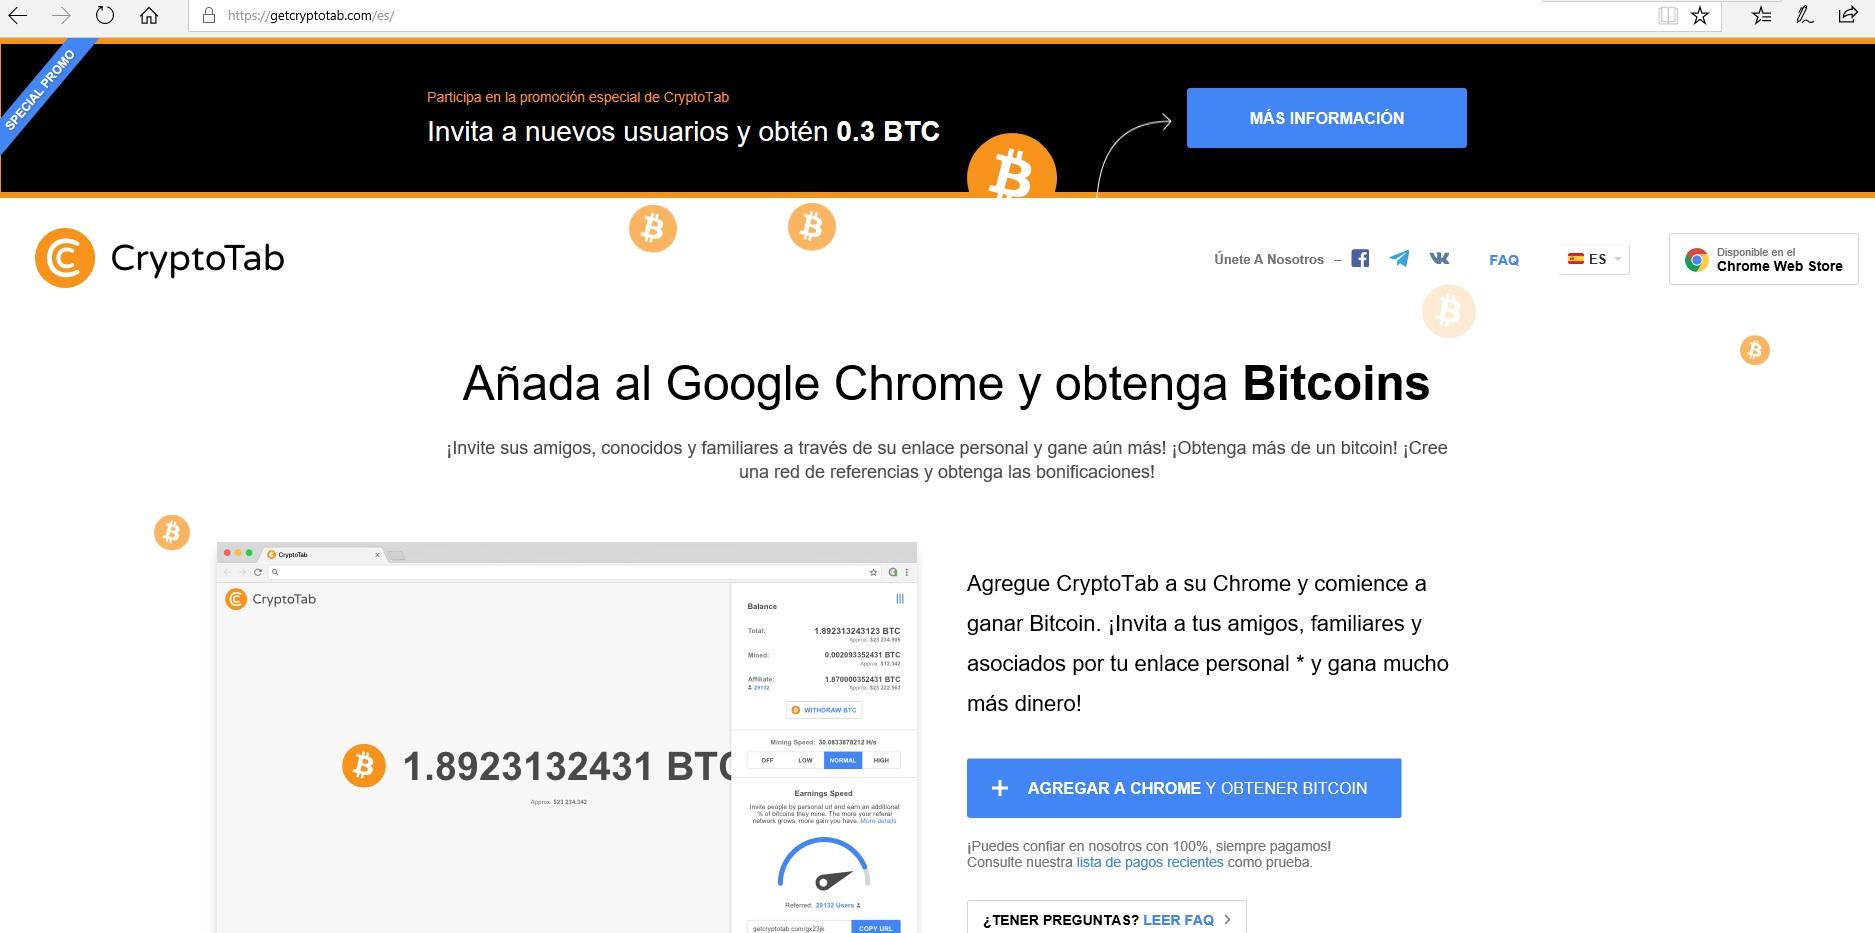 Cryptotab: ¿manera rápida de hacer dinero o estafa piramidal